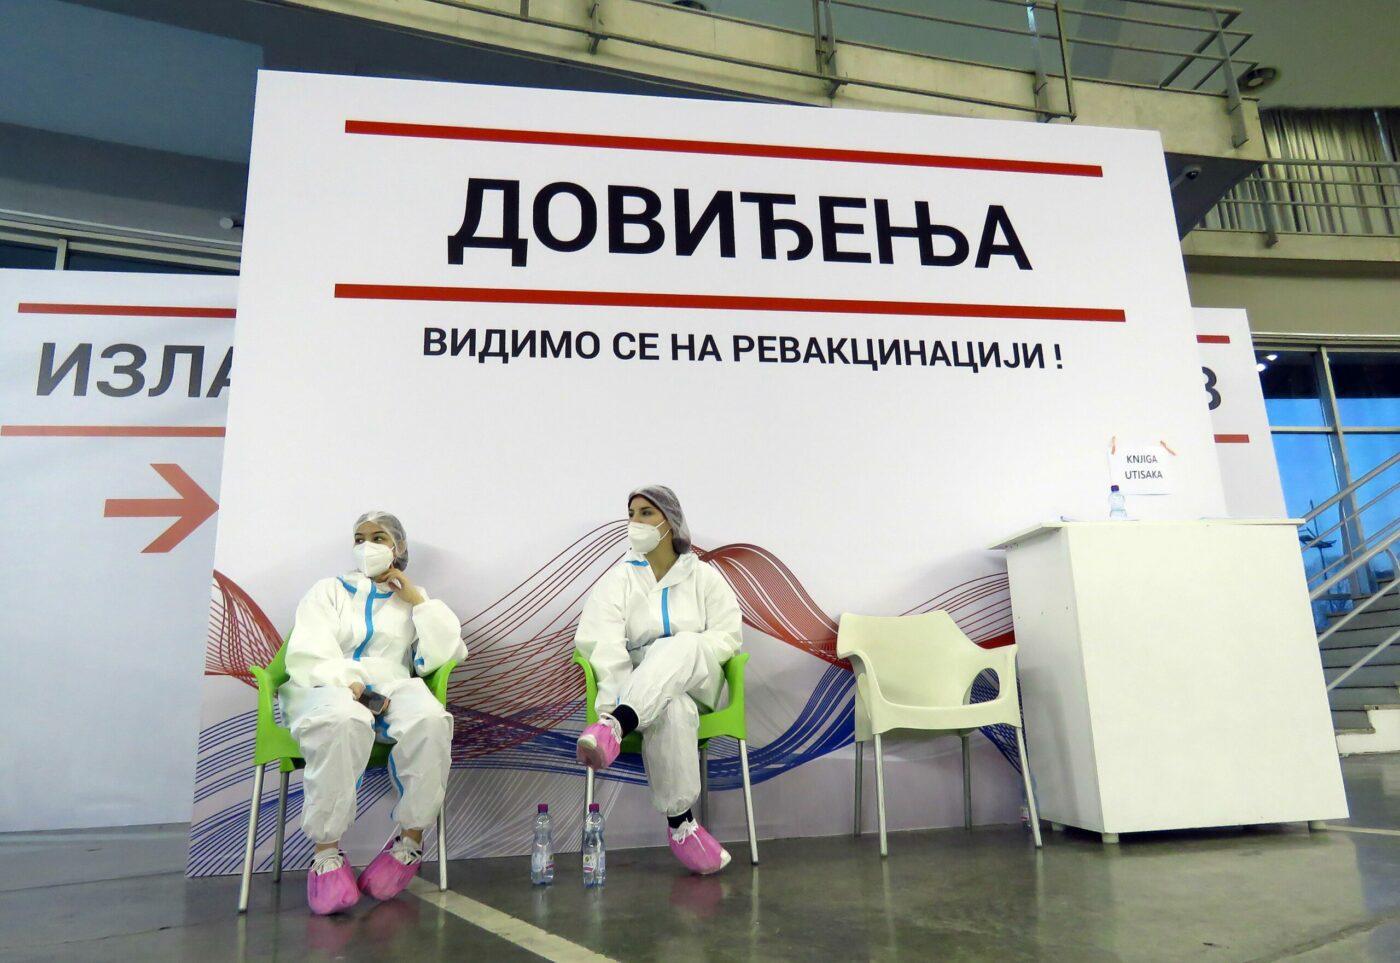 Cepljenje v Srbiji  Vir:Twitter